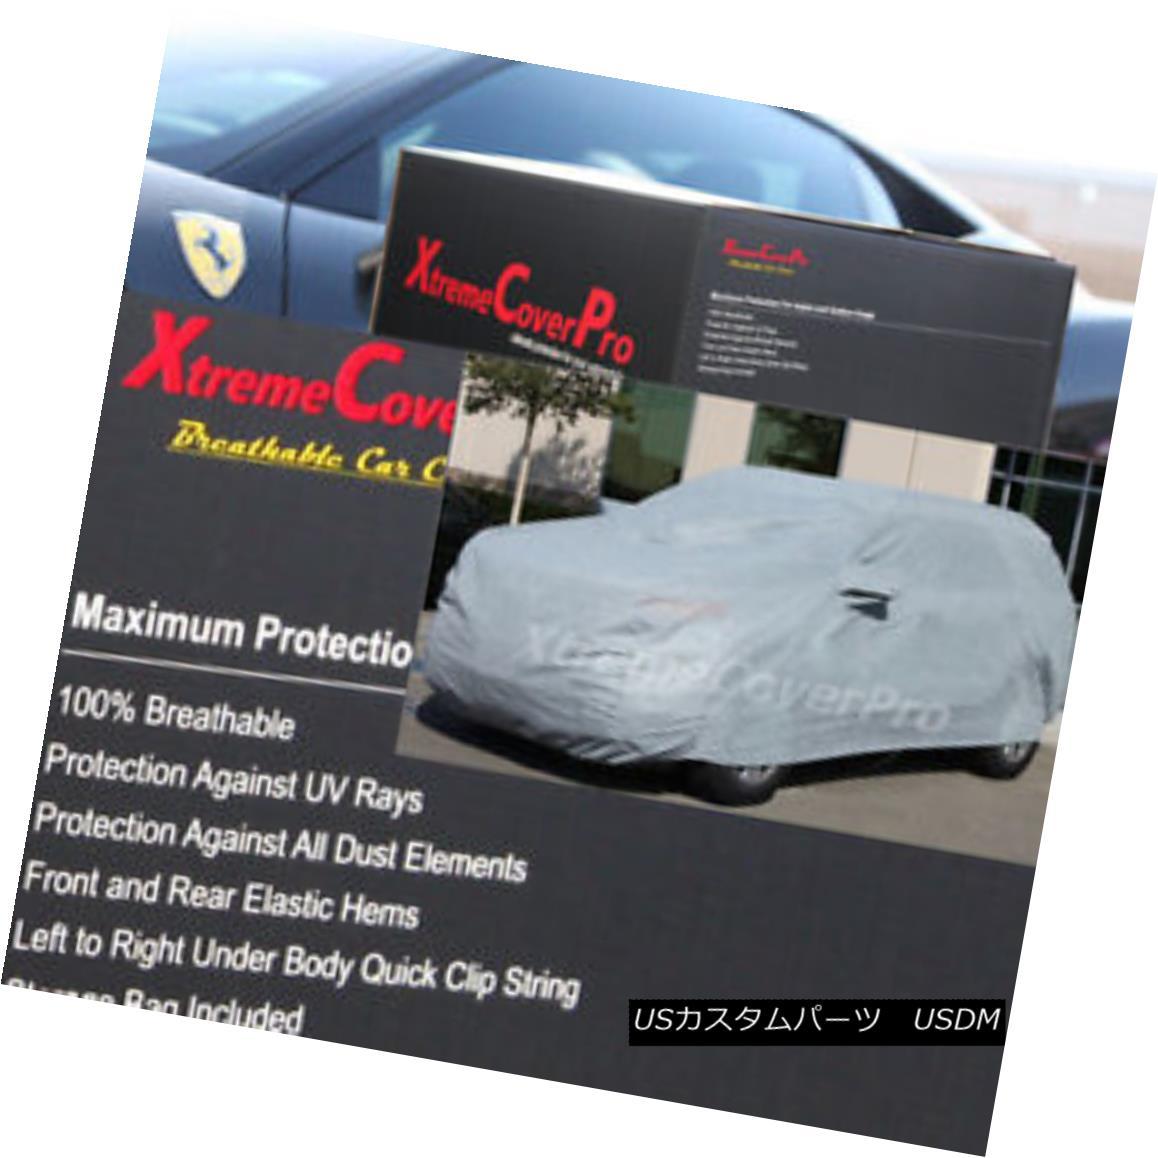 カーカバー 2006 2007 2008 Toyota RAV4 Breathable Car Cover w/MirrorPocket 2006年2007年トヨタRAV4通気性車カバー付きMirrorPocket